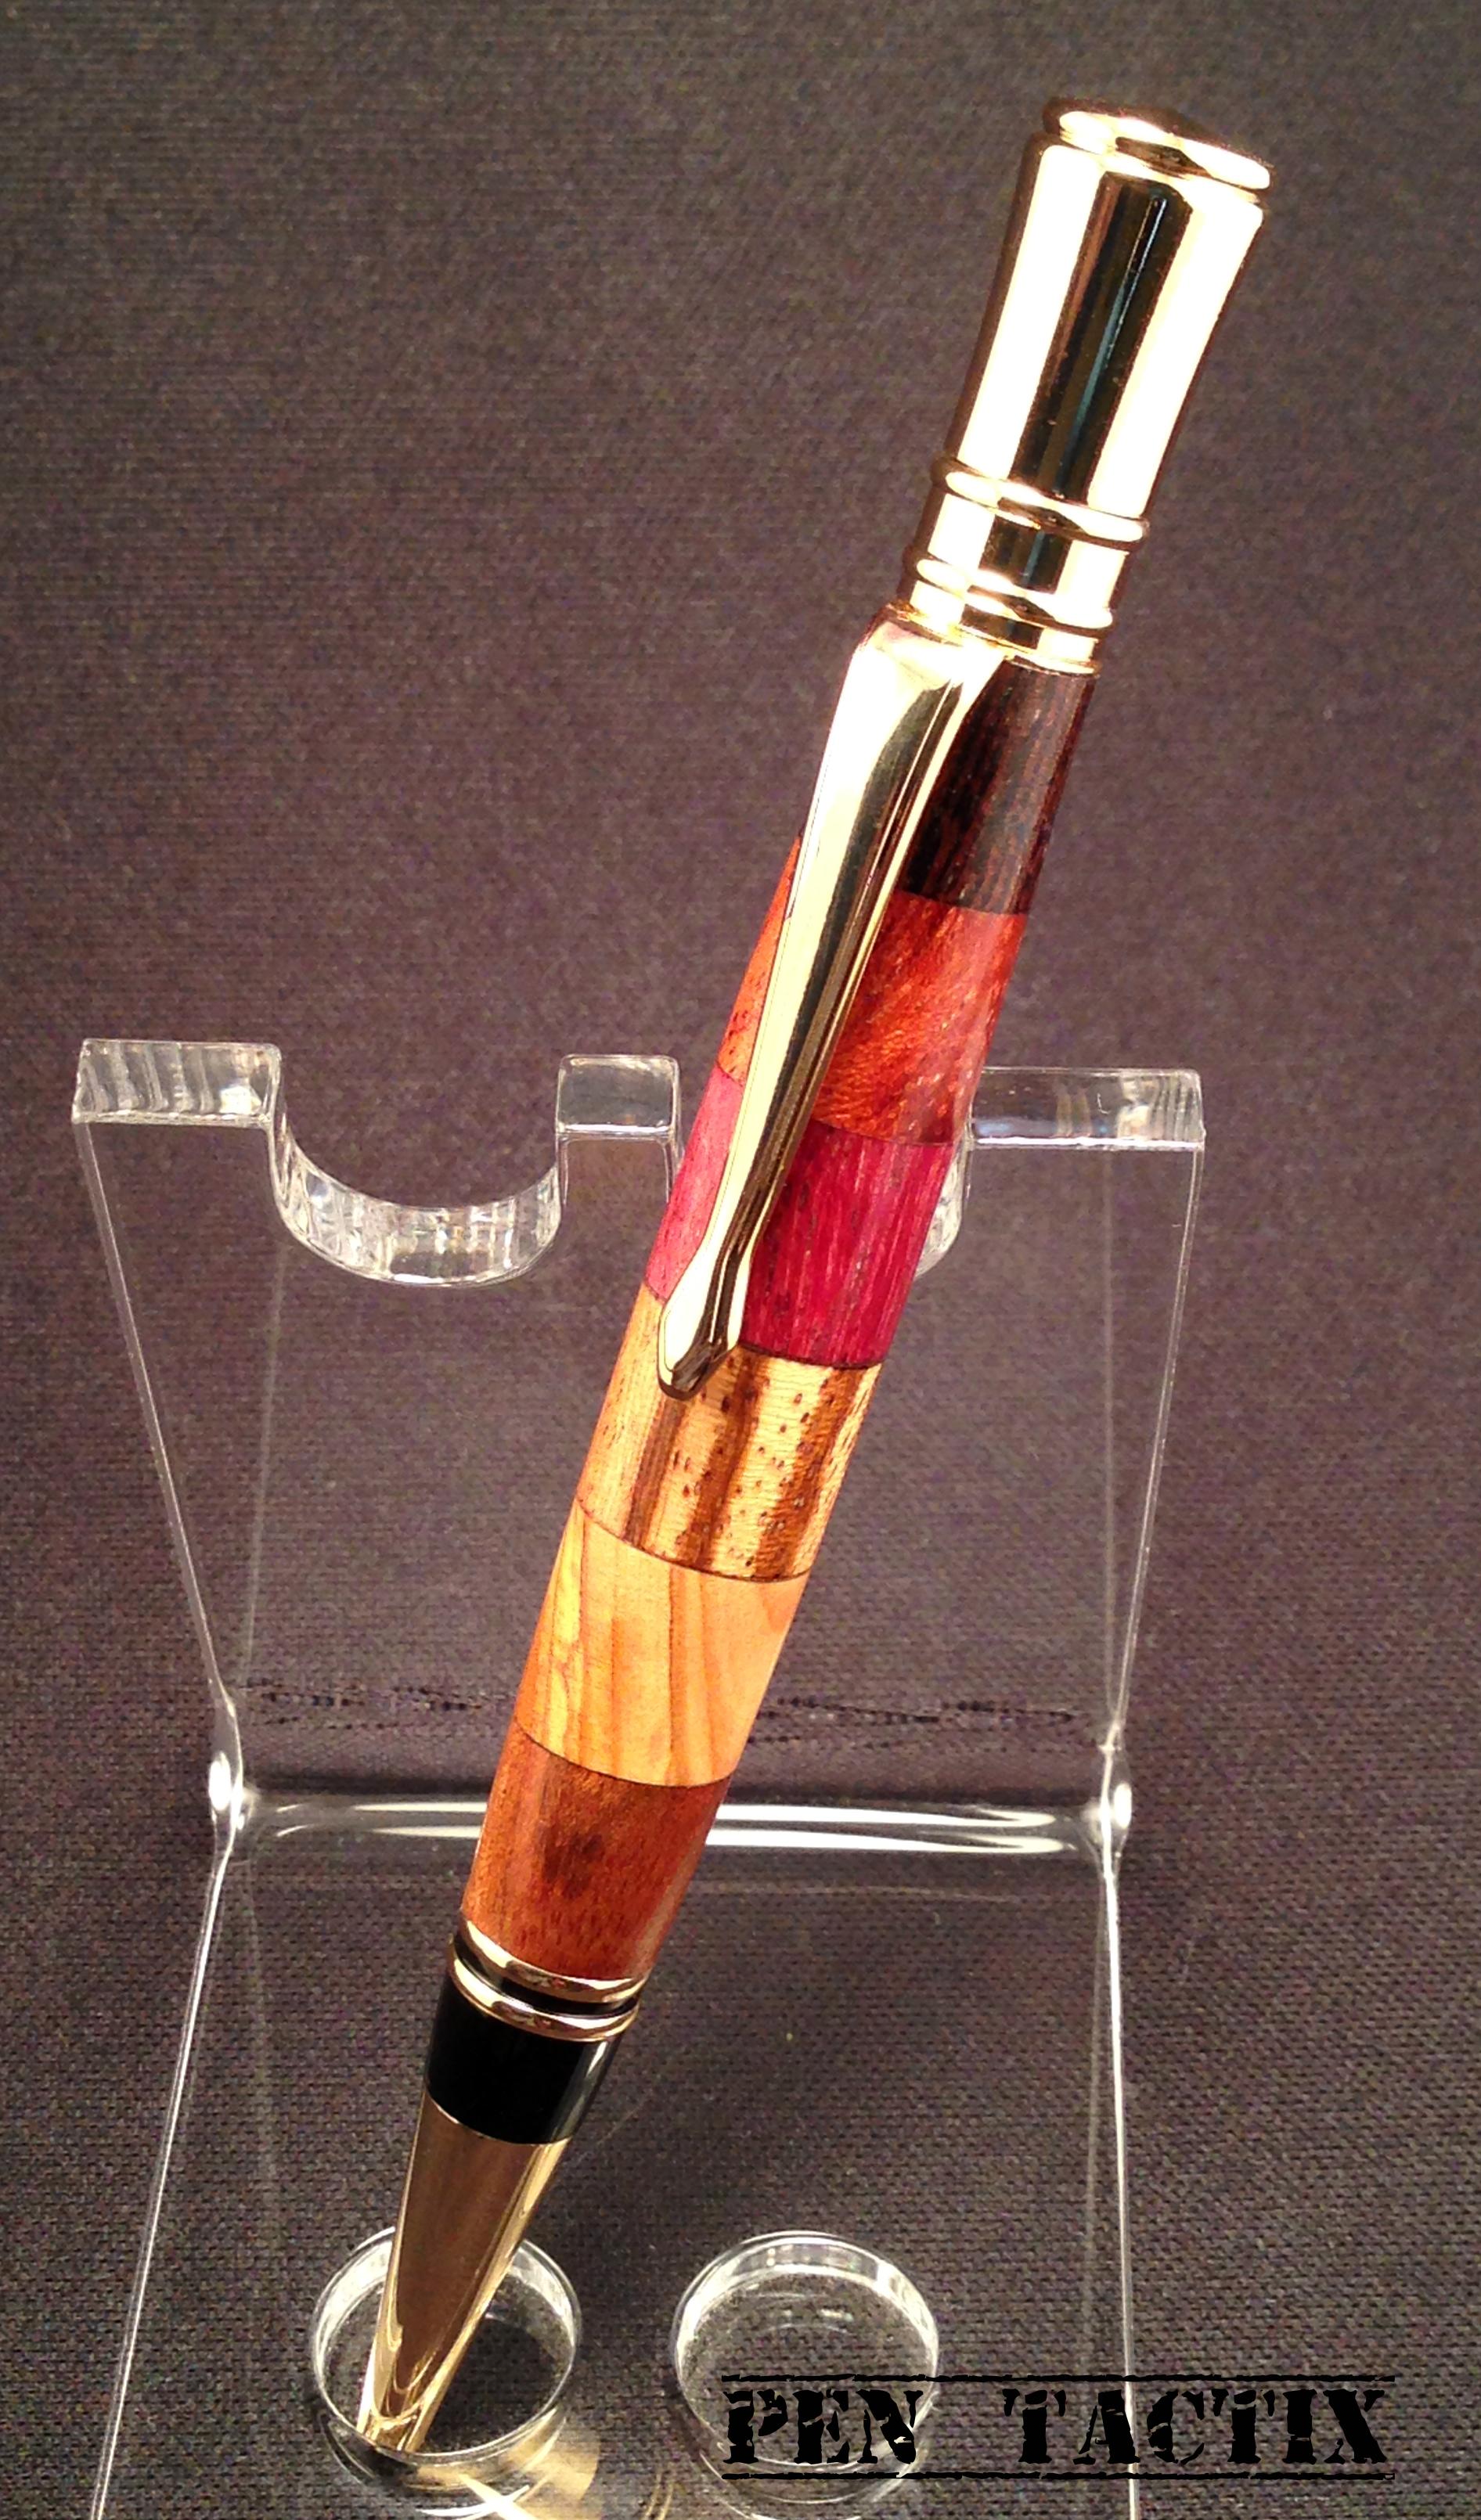 Photo Gallery Pen Tactix